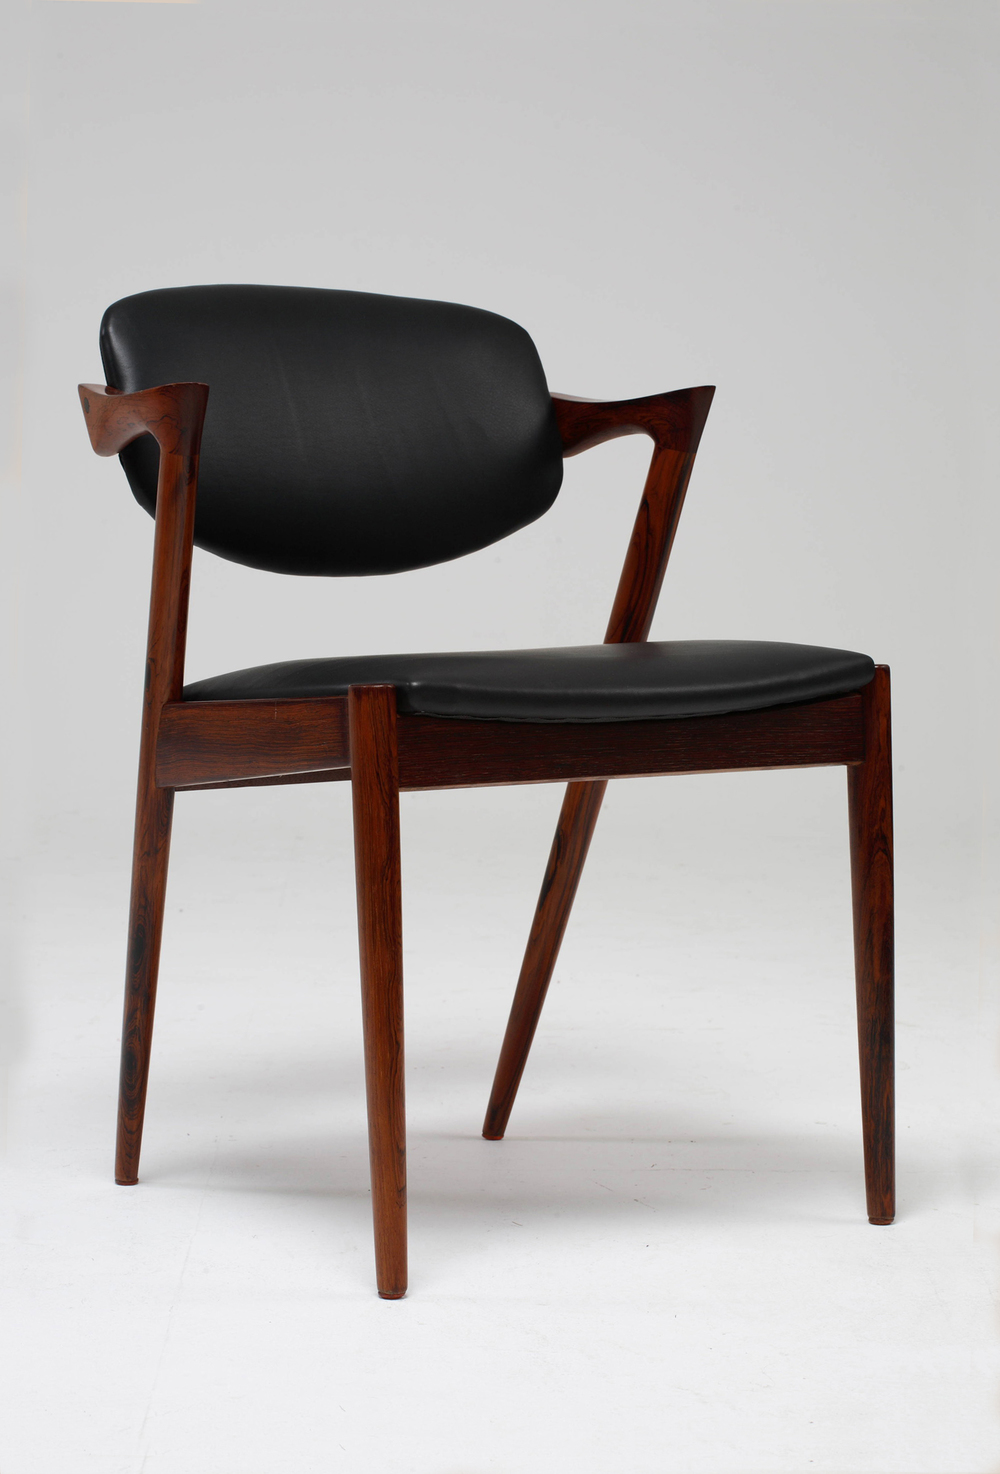 K Kristiansen 1957 Carver   •   made 1970 - 1990   •